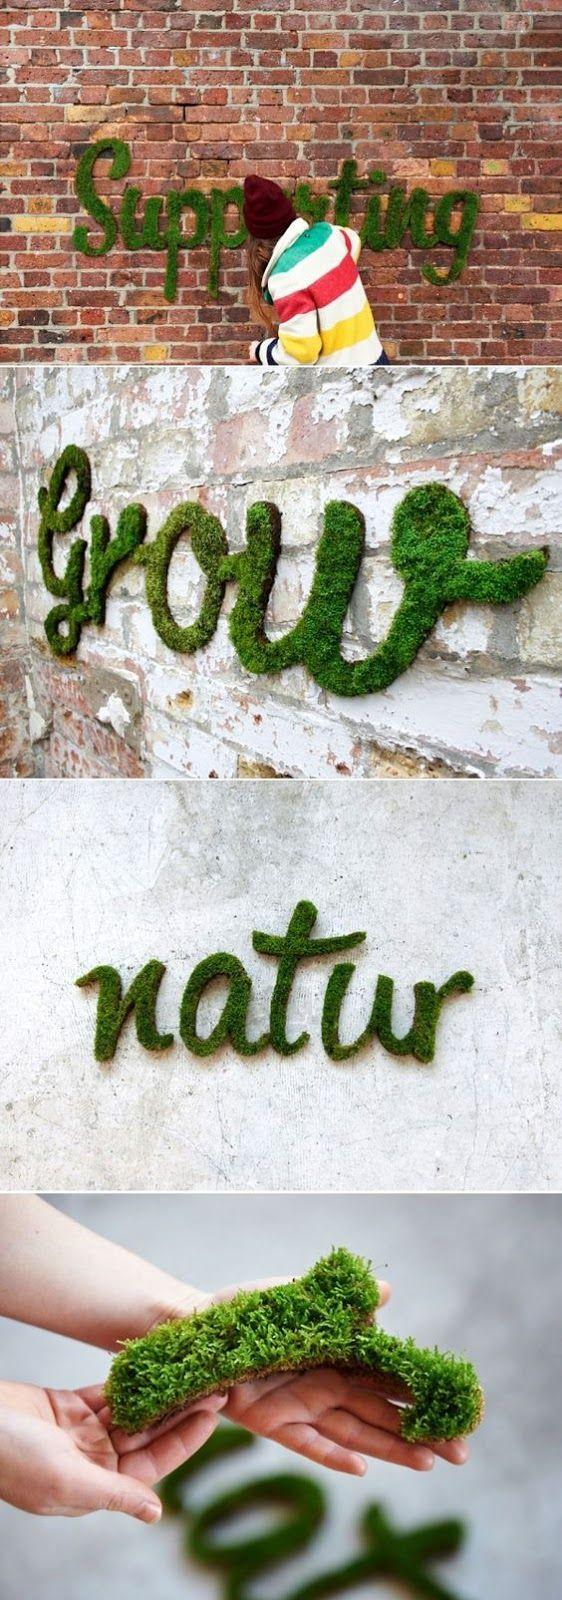 Graffitis De Musgo O Como Llevar El Arte A Su Estado Más Natural Decoración De Cercas Grafiti De Musgo Jardines Verticales